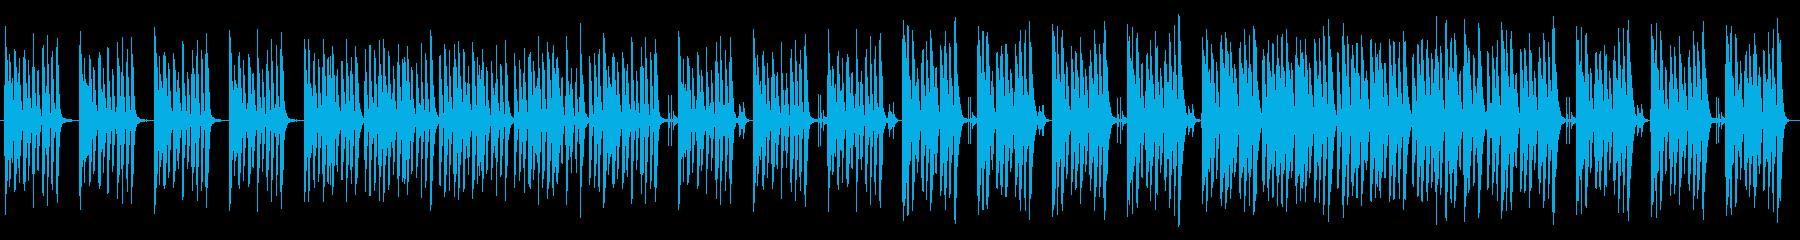 可愛らしくコミカルな日常のピアノの再生済みの波形